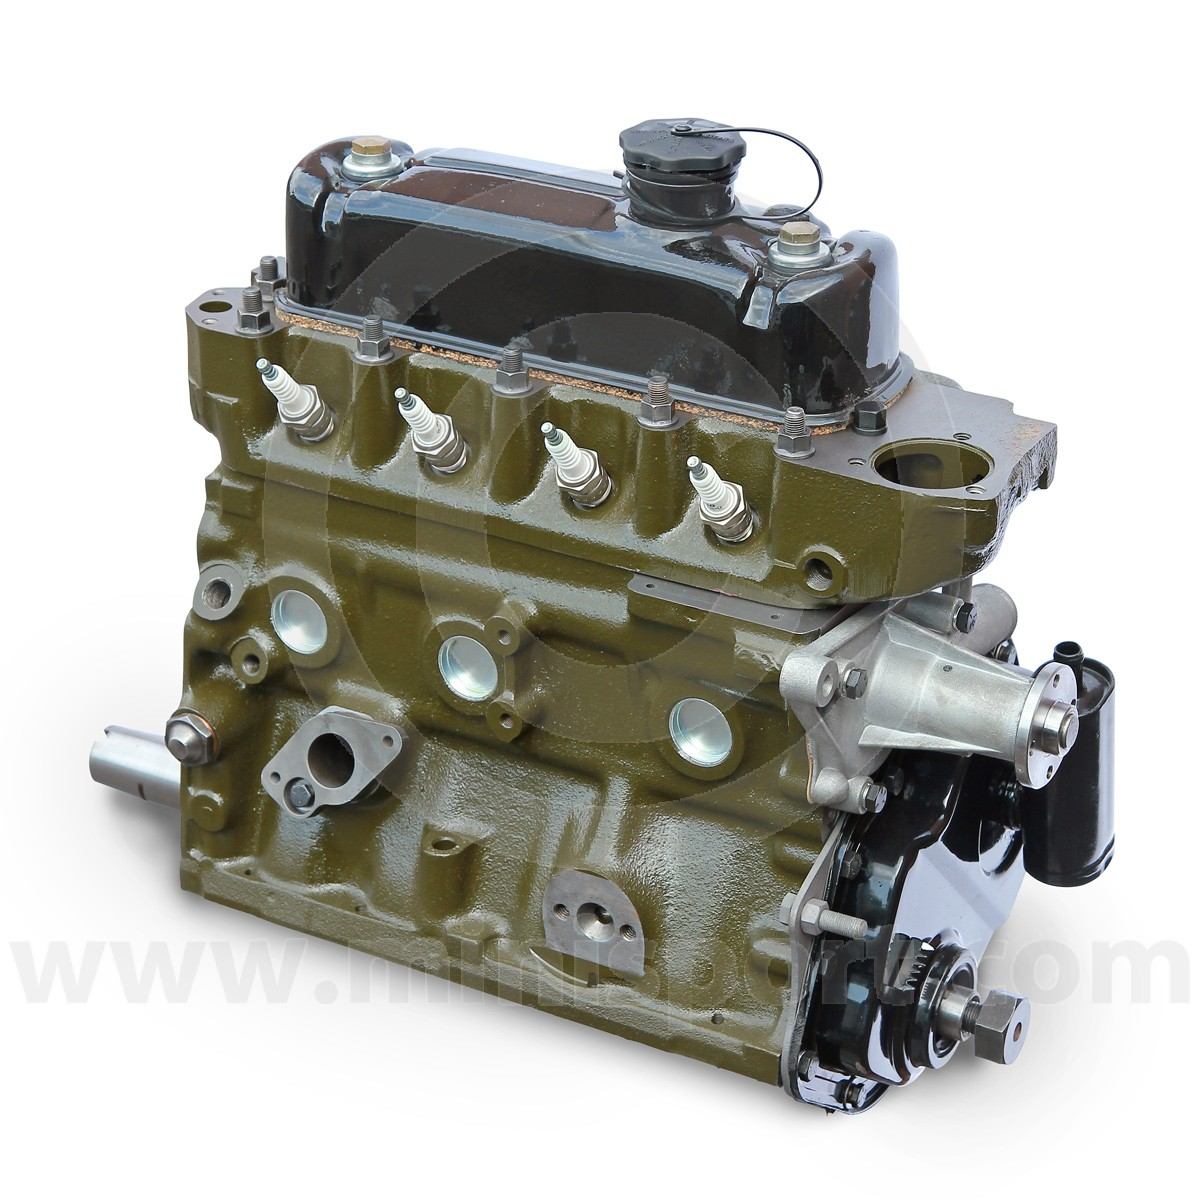 Remmin1275mp Mas Mini Engine 1275cc Engine Minisportcom Mini